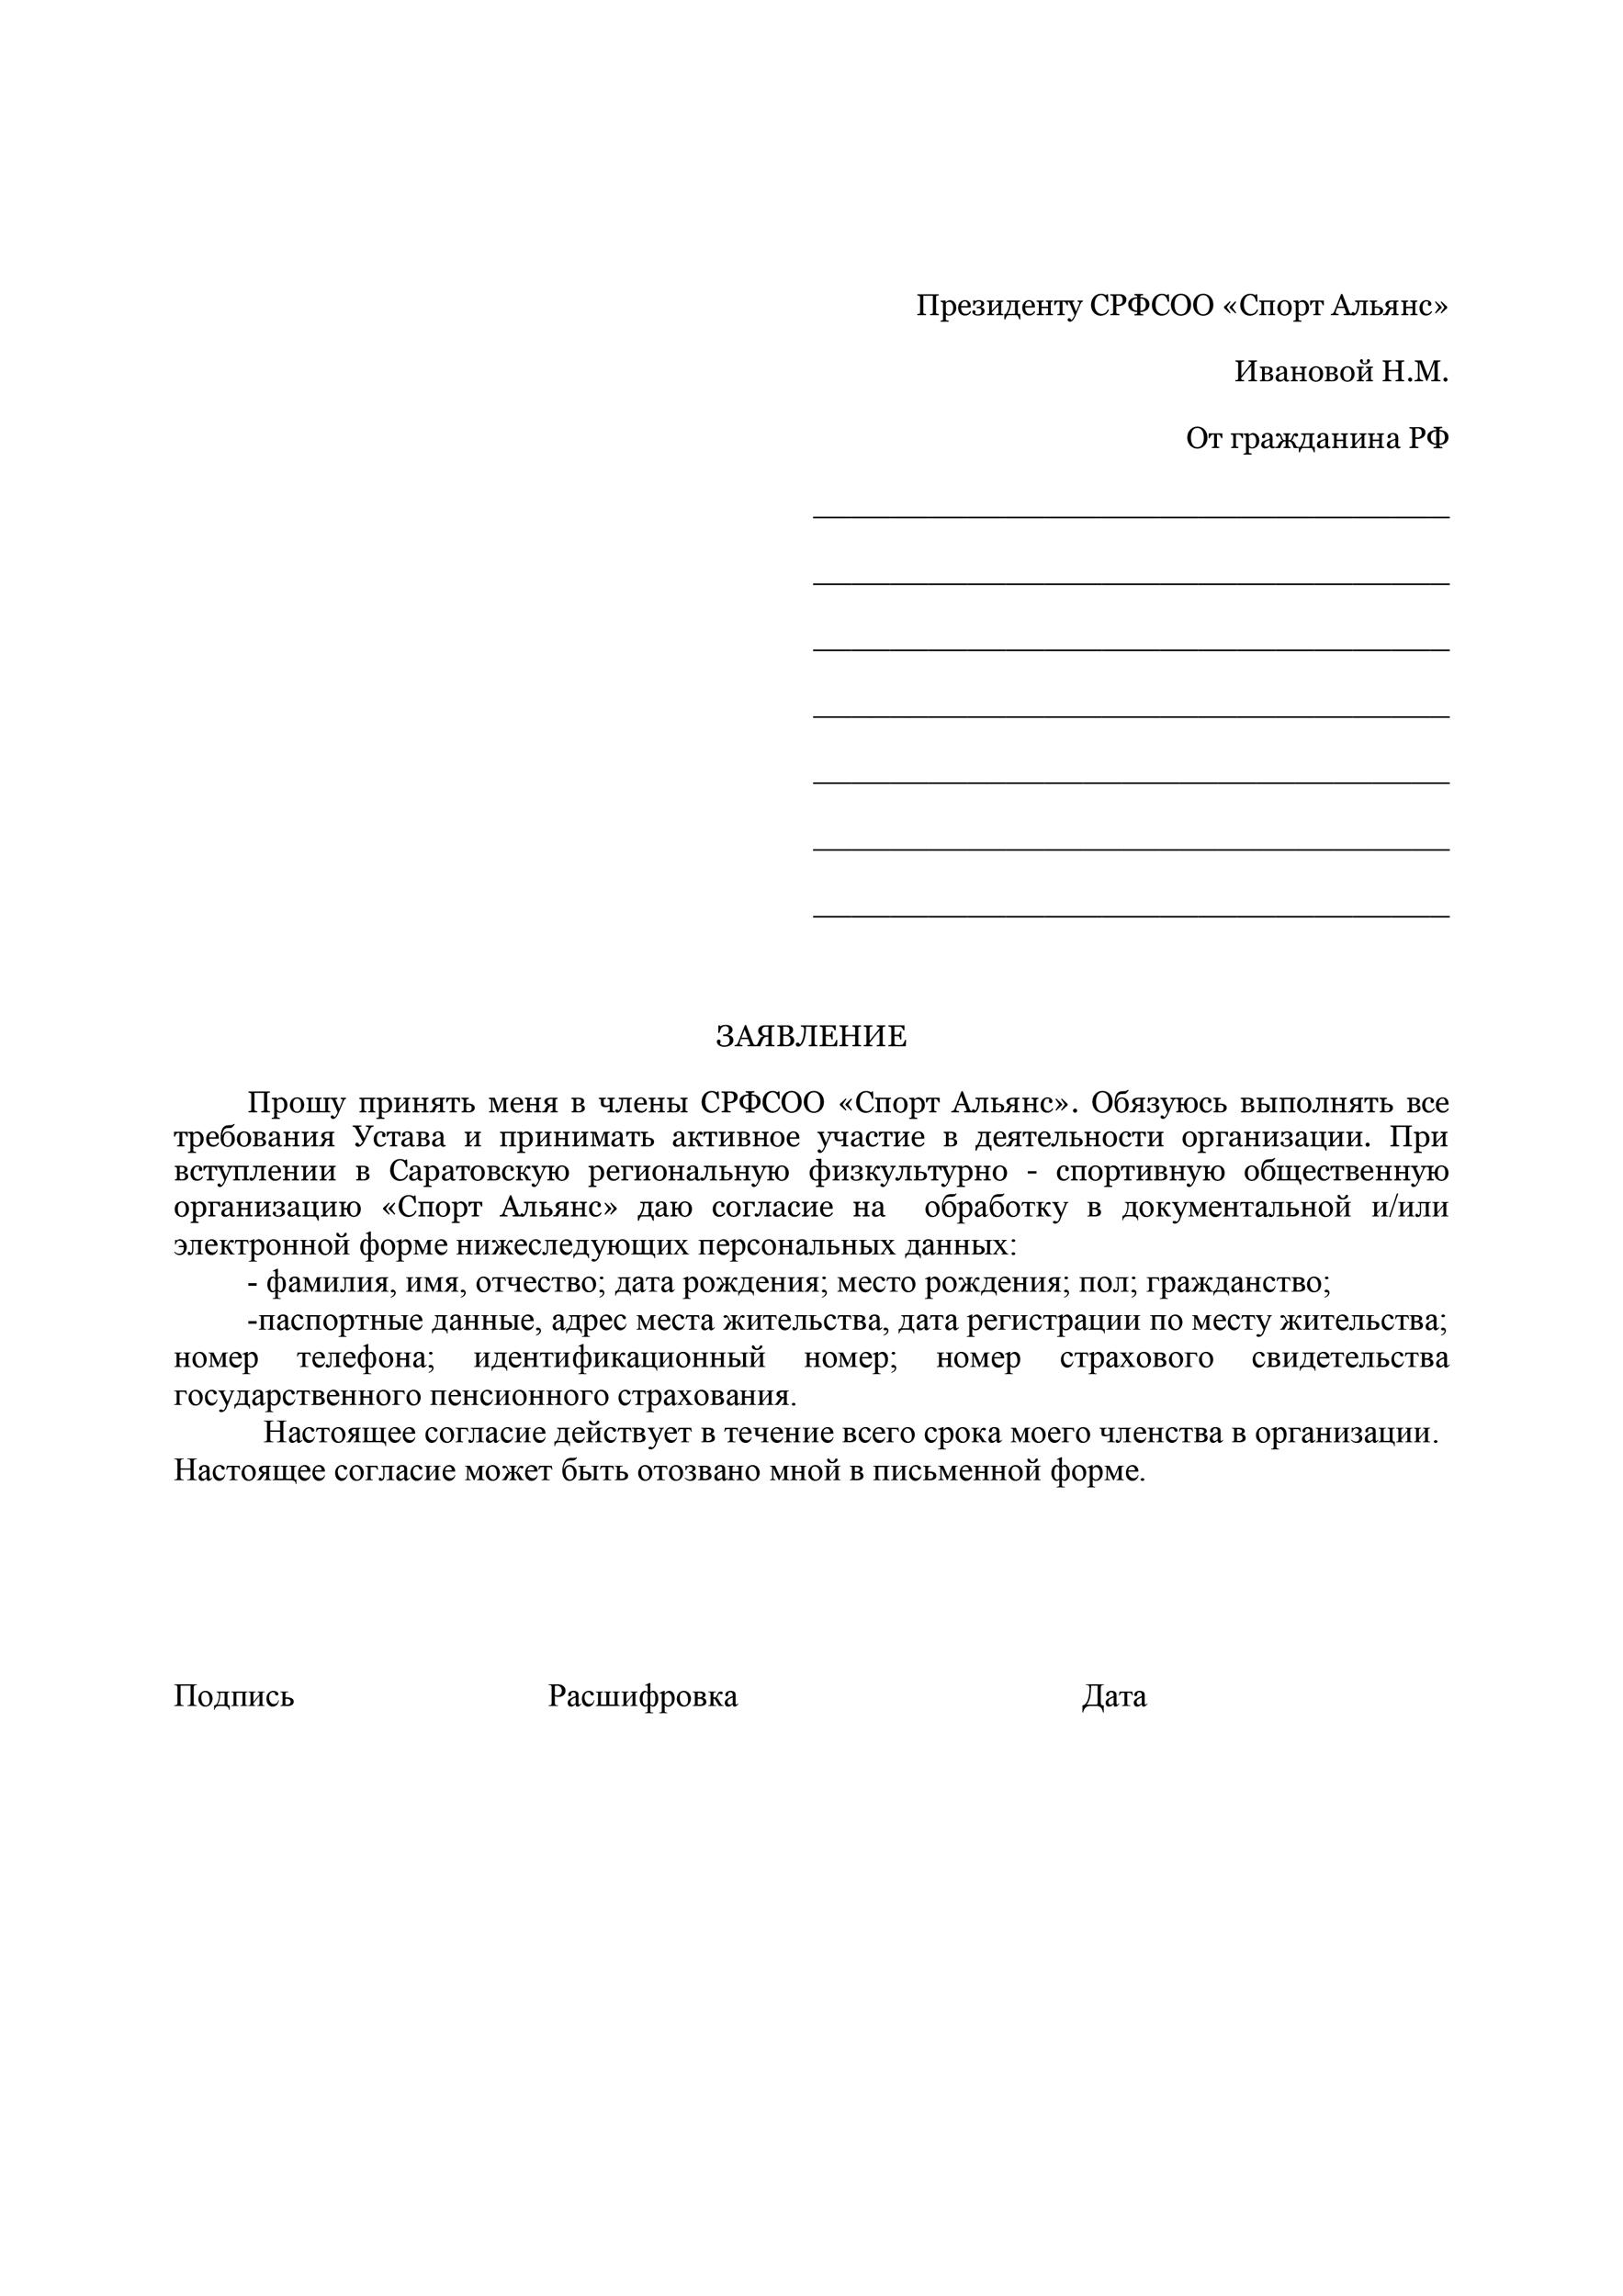 Анкета на вступление в Саратовскую Региональную Физкультурно-Спортивную Общественную Организацию «Спорт Альянс»